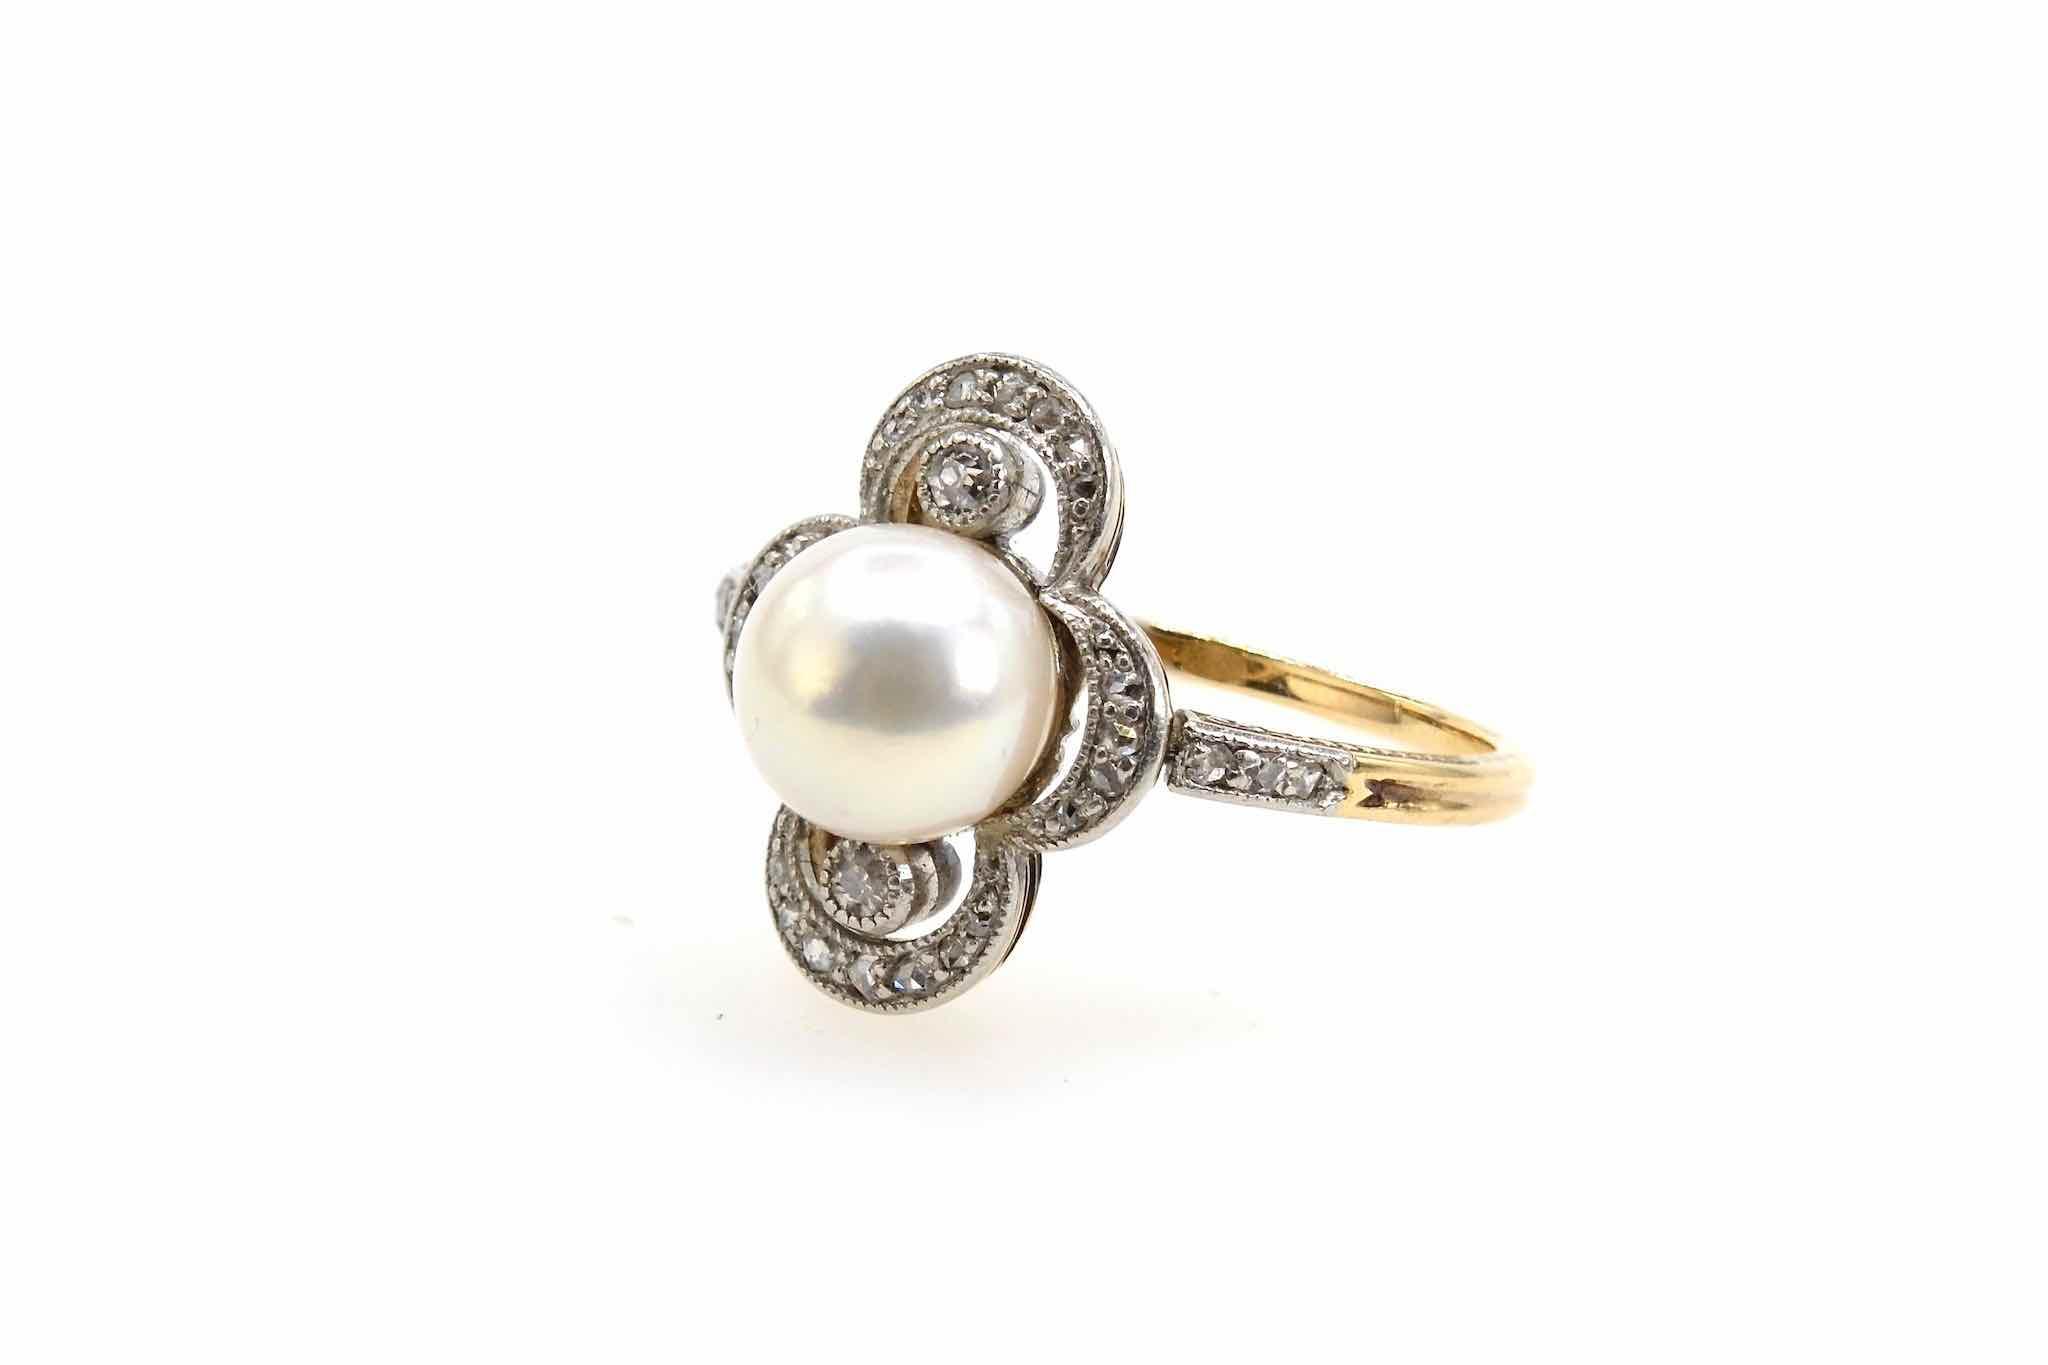 Bague 1900 perle et diamants en or jaune 18k et platine